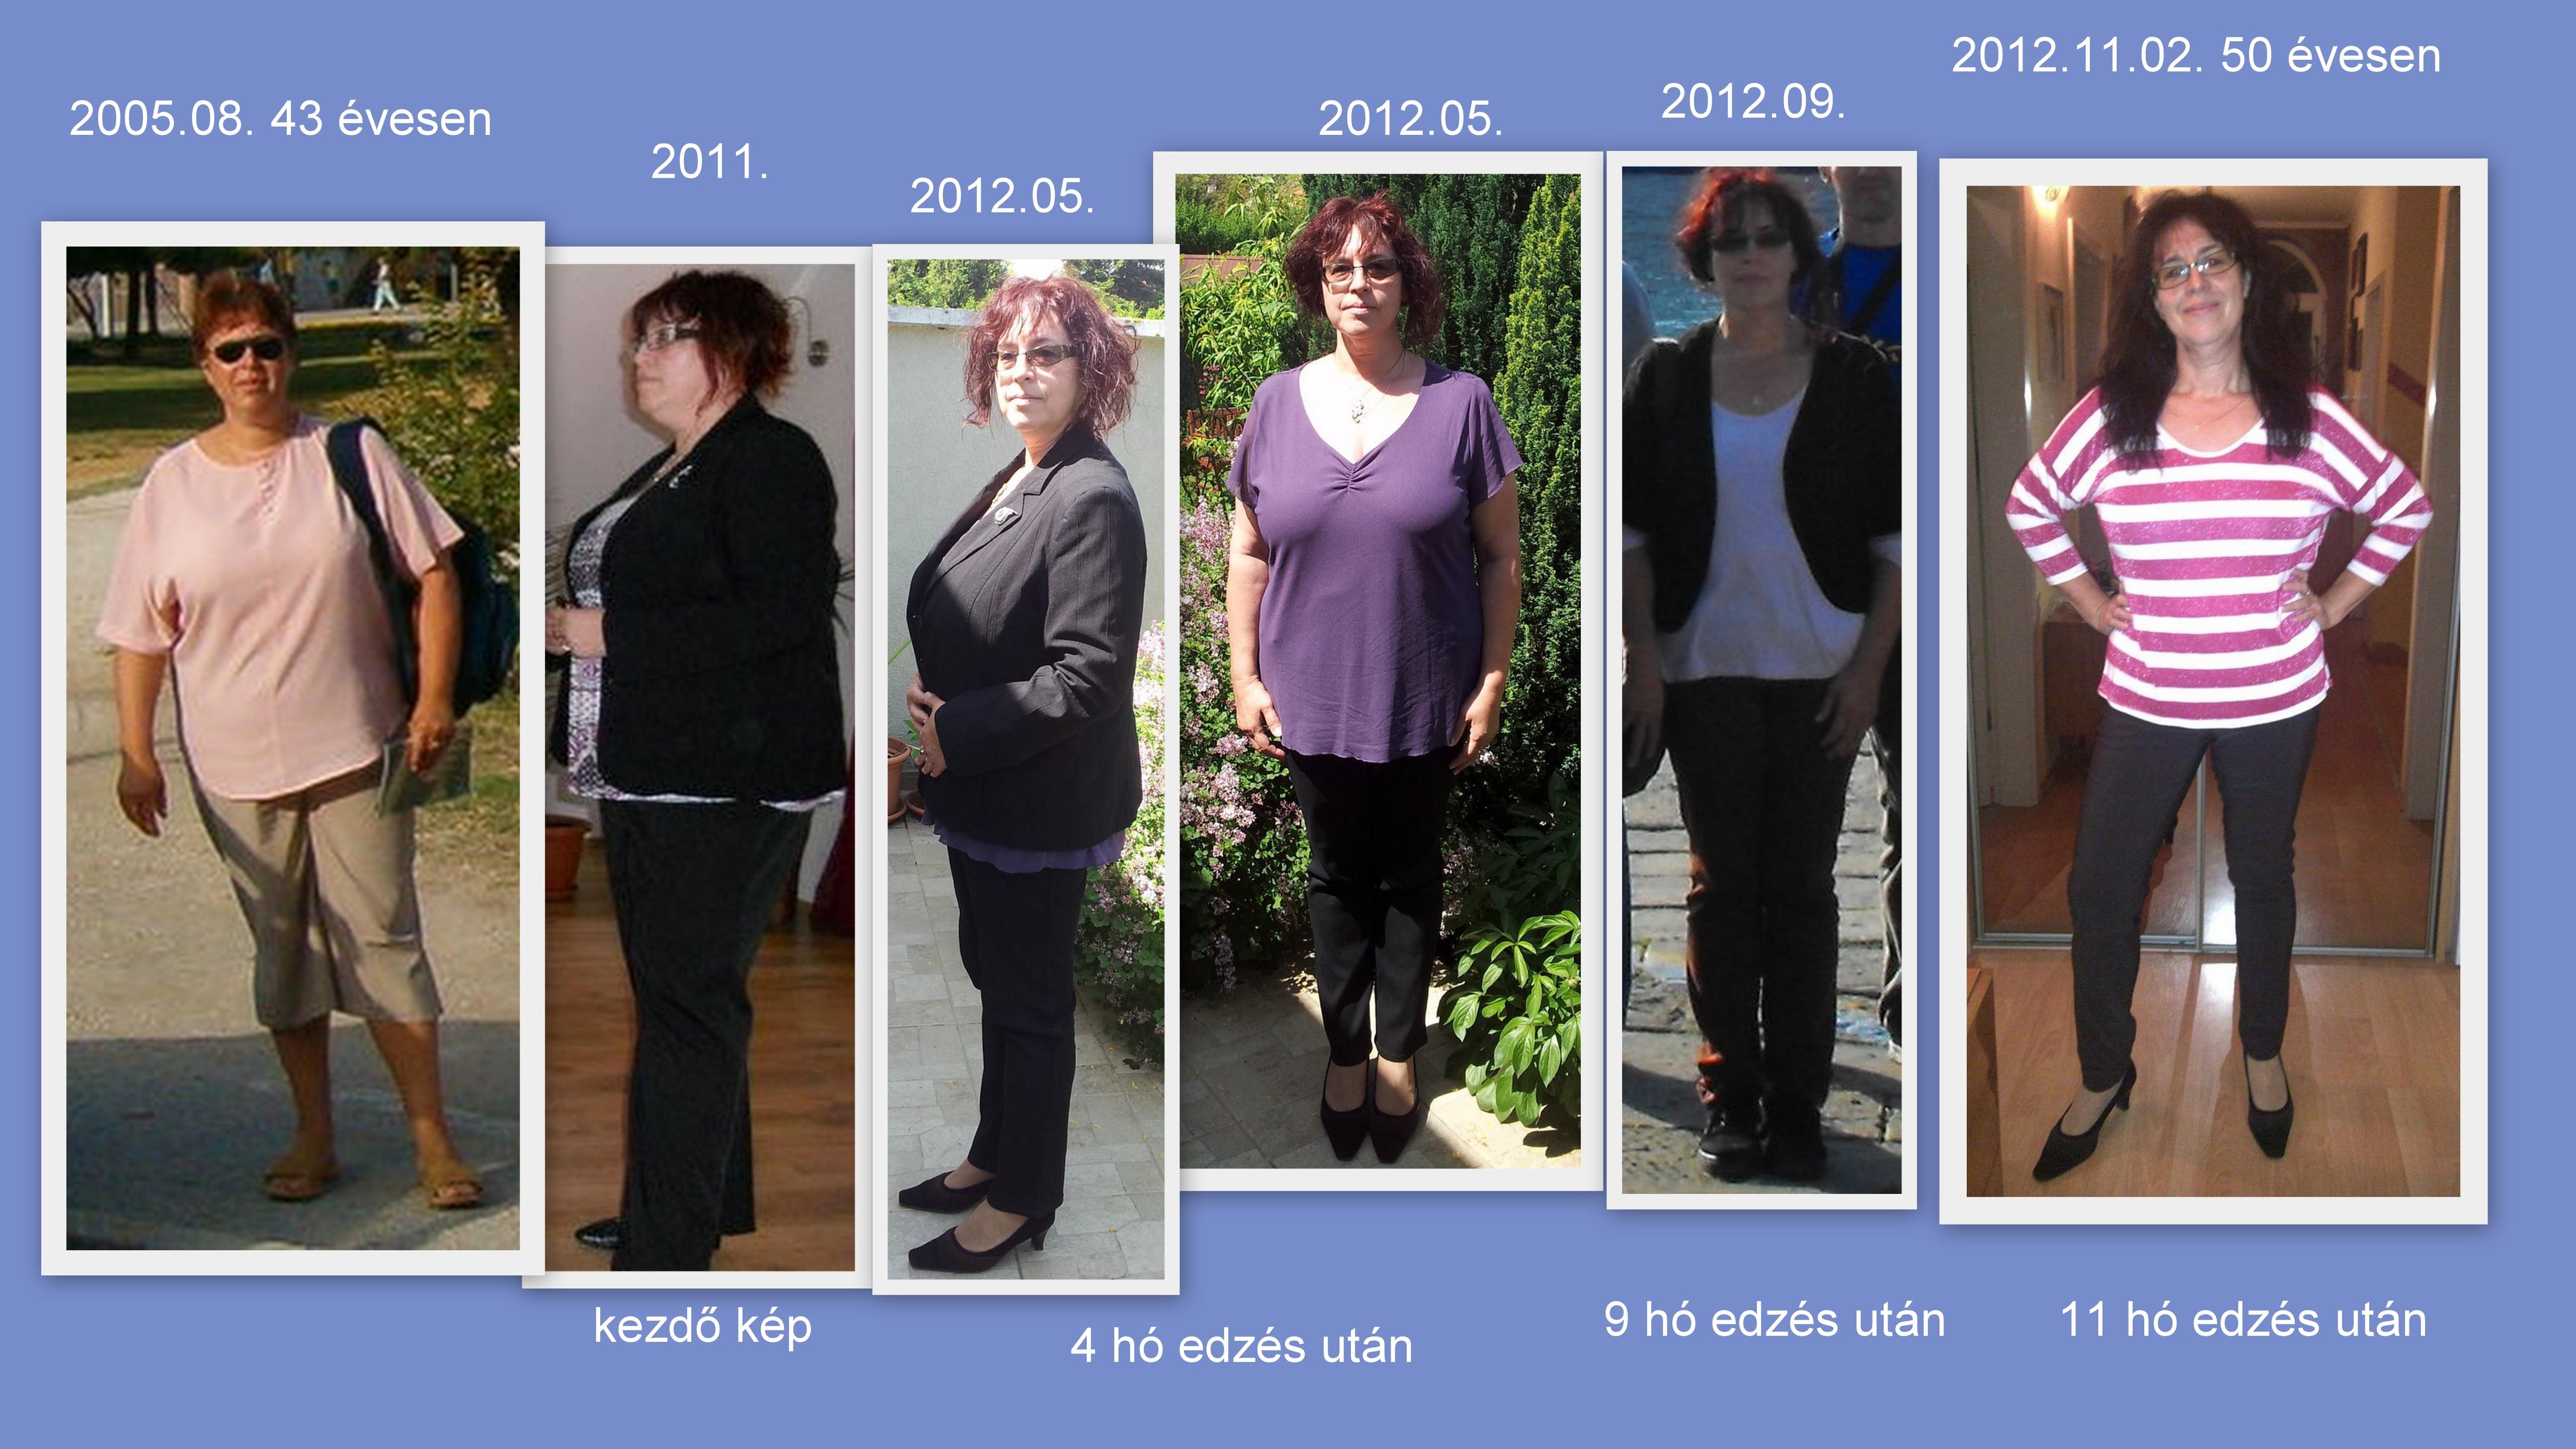 táblázat a súlycsökkenés nyomon követése érdekében